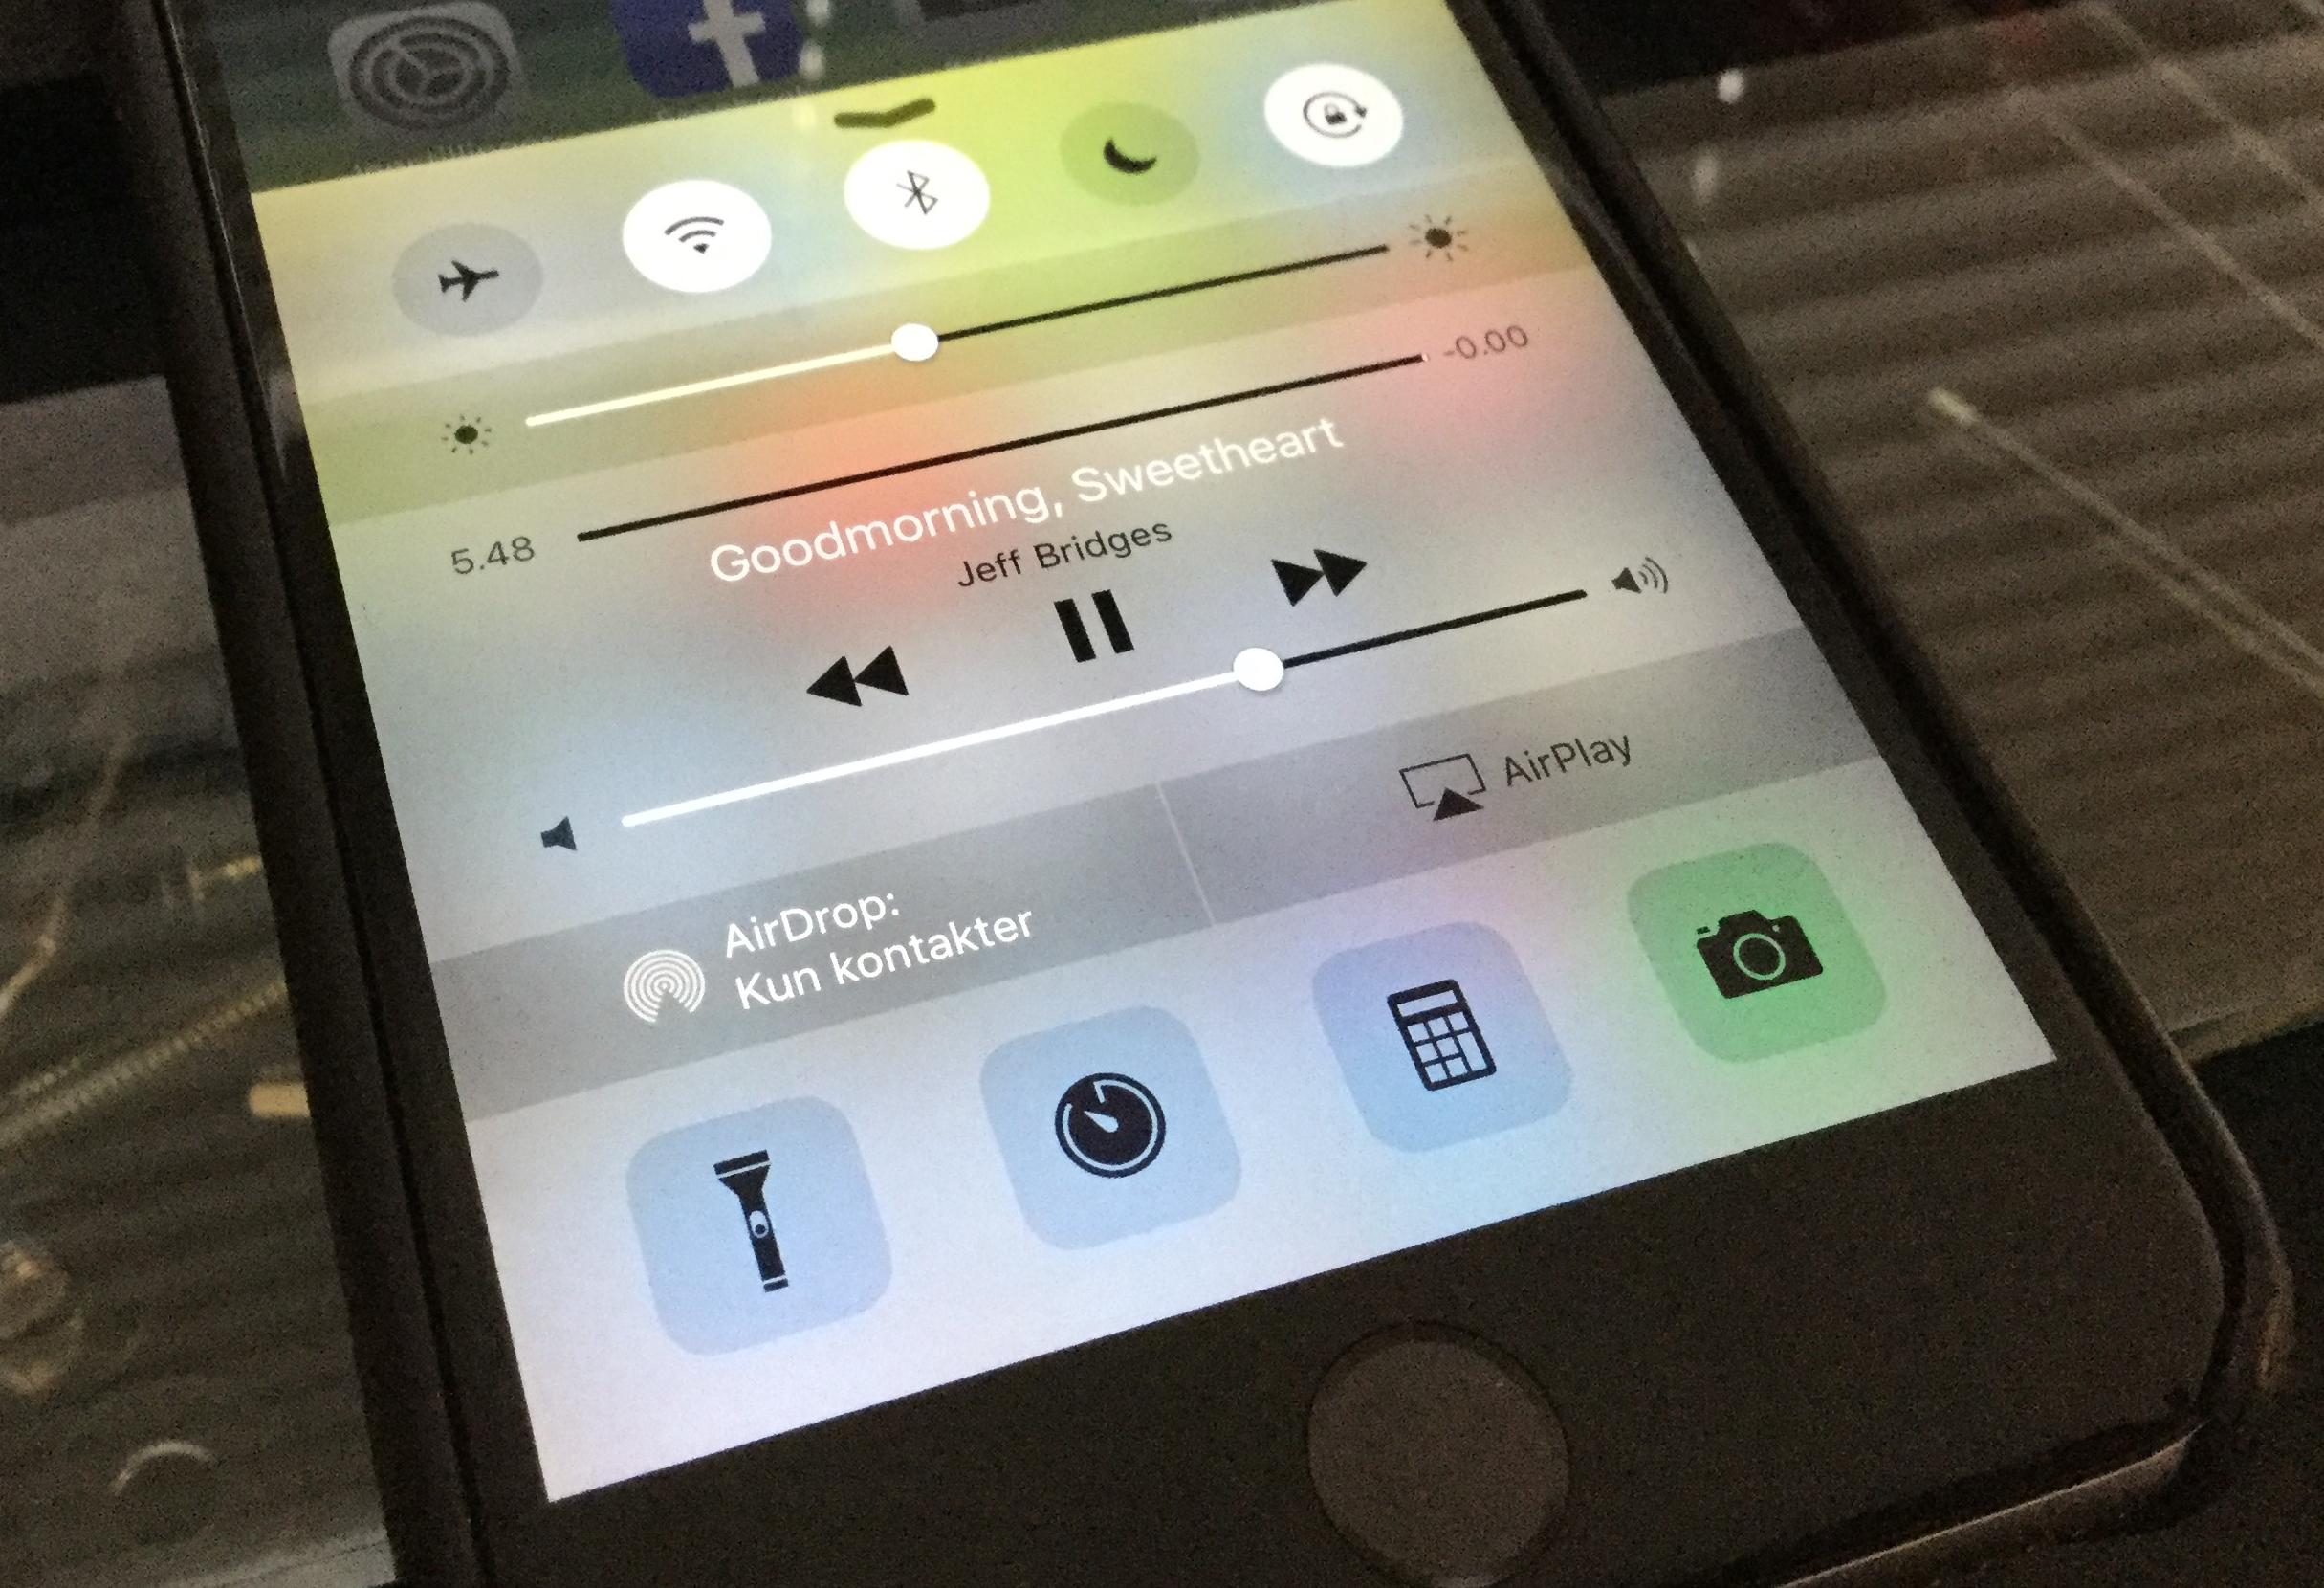 laste ned musikk fra spotify Røros